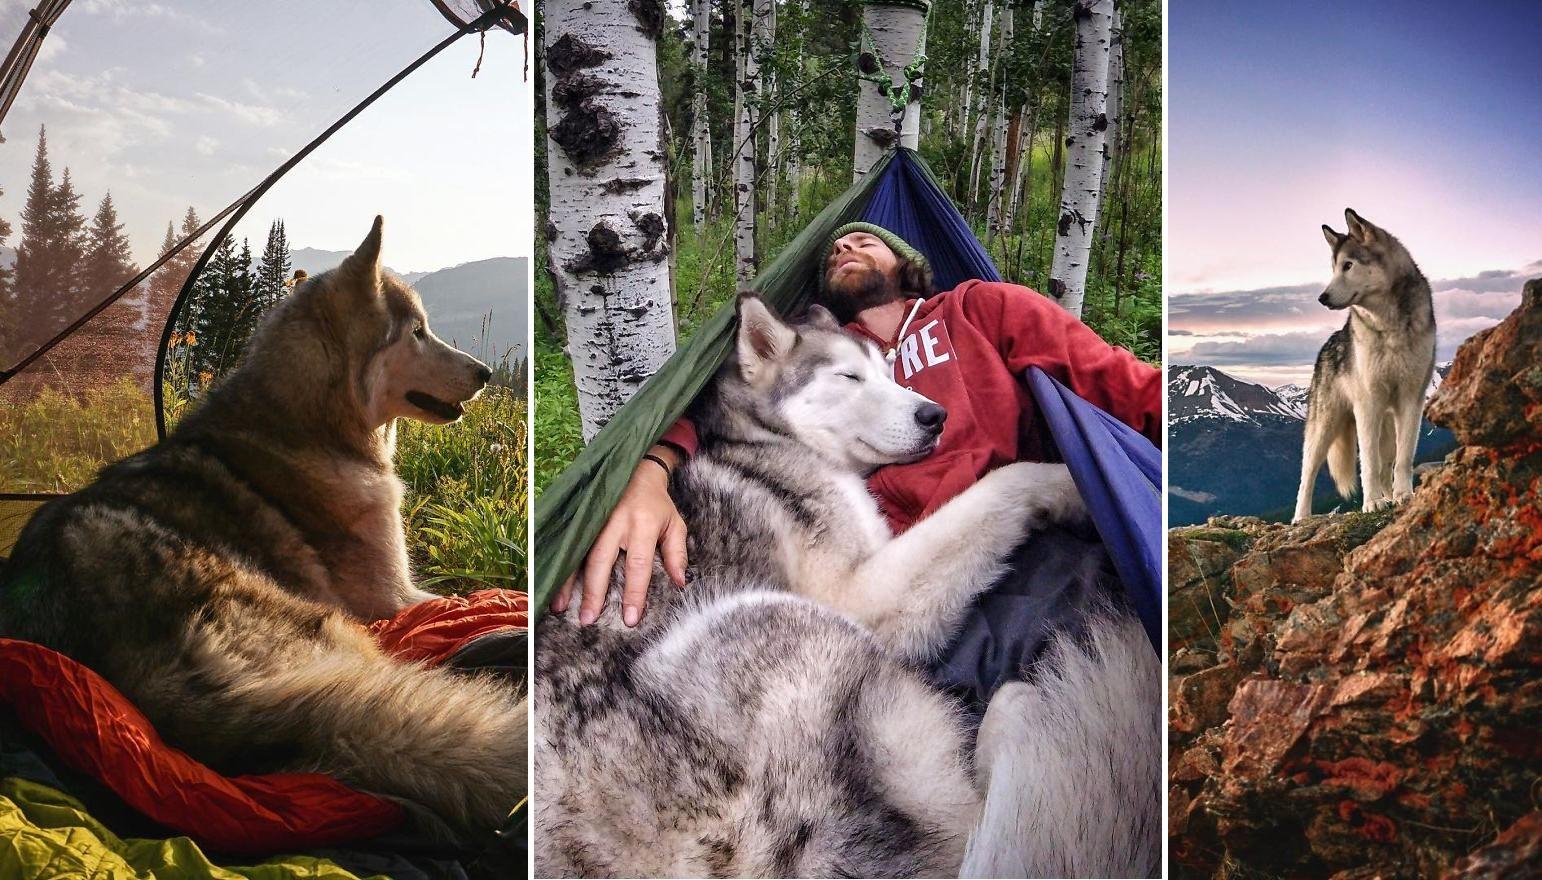 Csodás fotók egy kutyus kalandos életéről, amire mindannyian irigykedünk